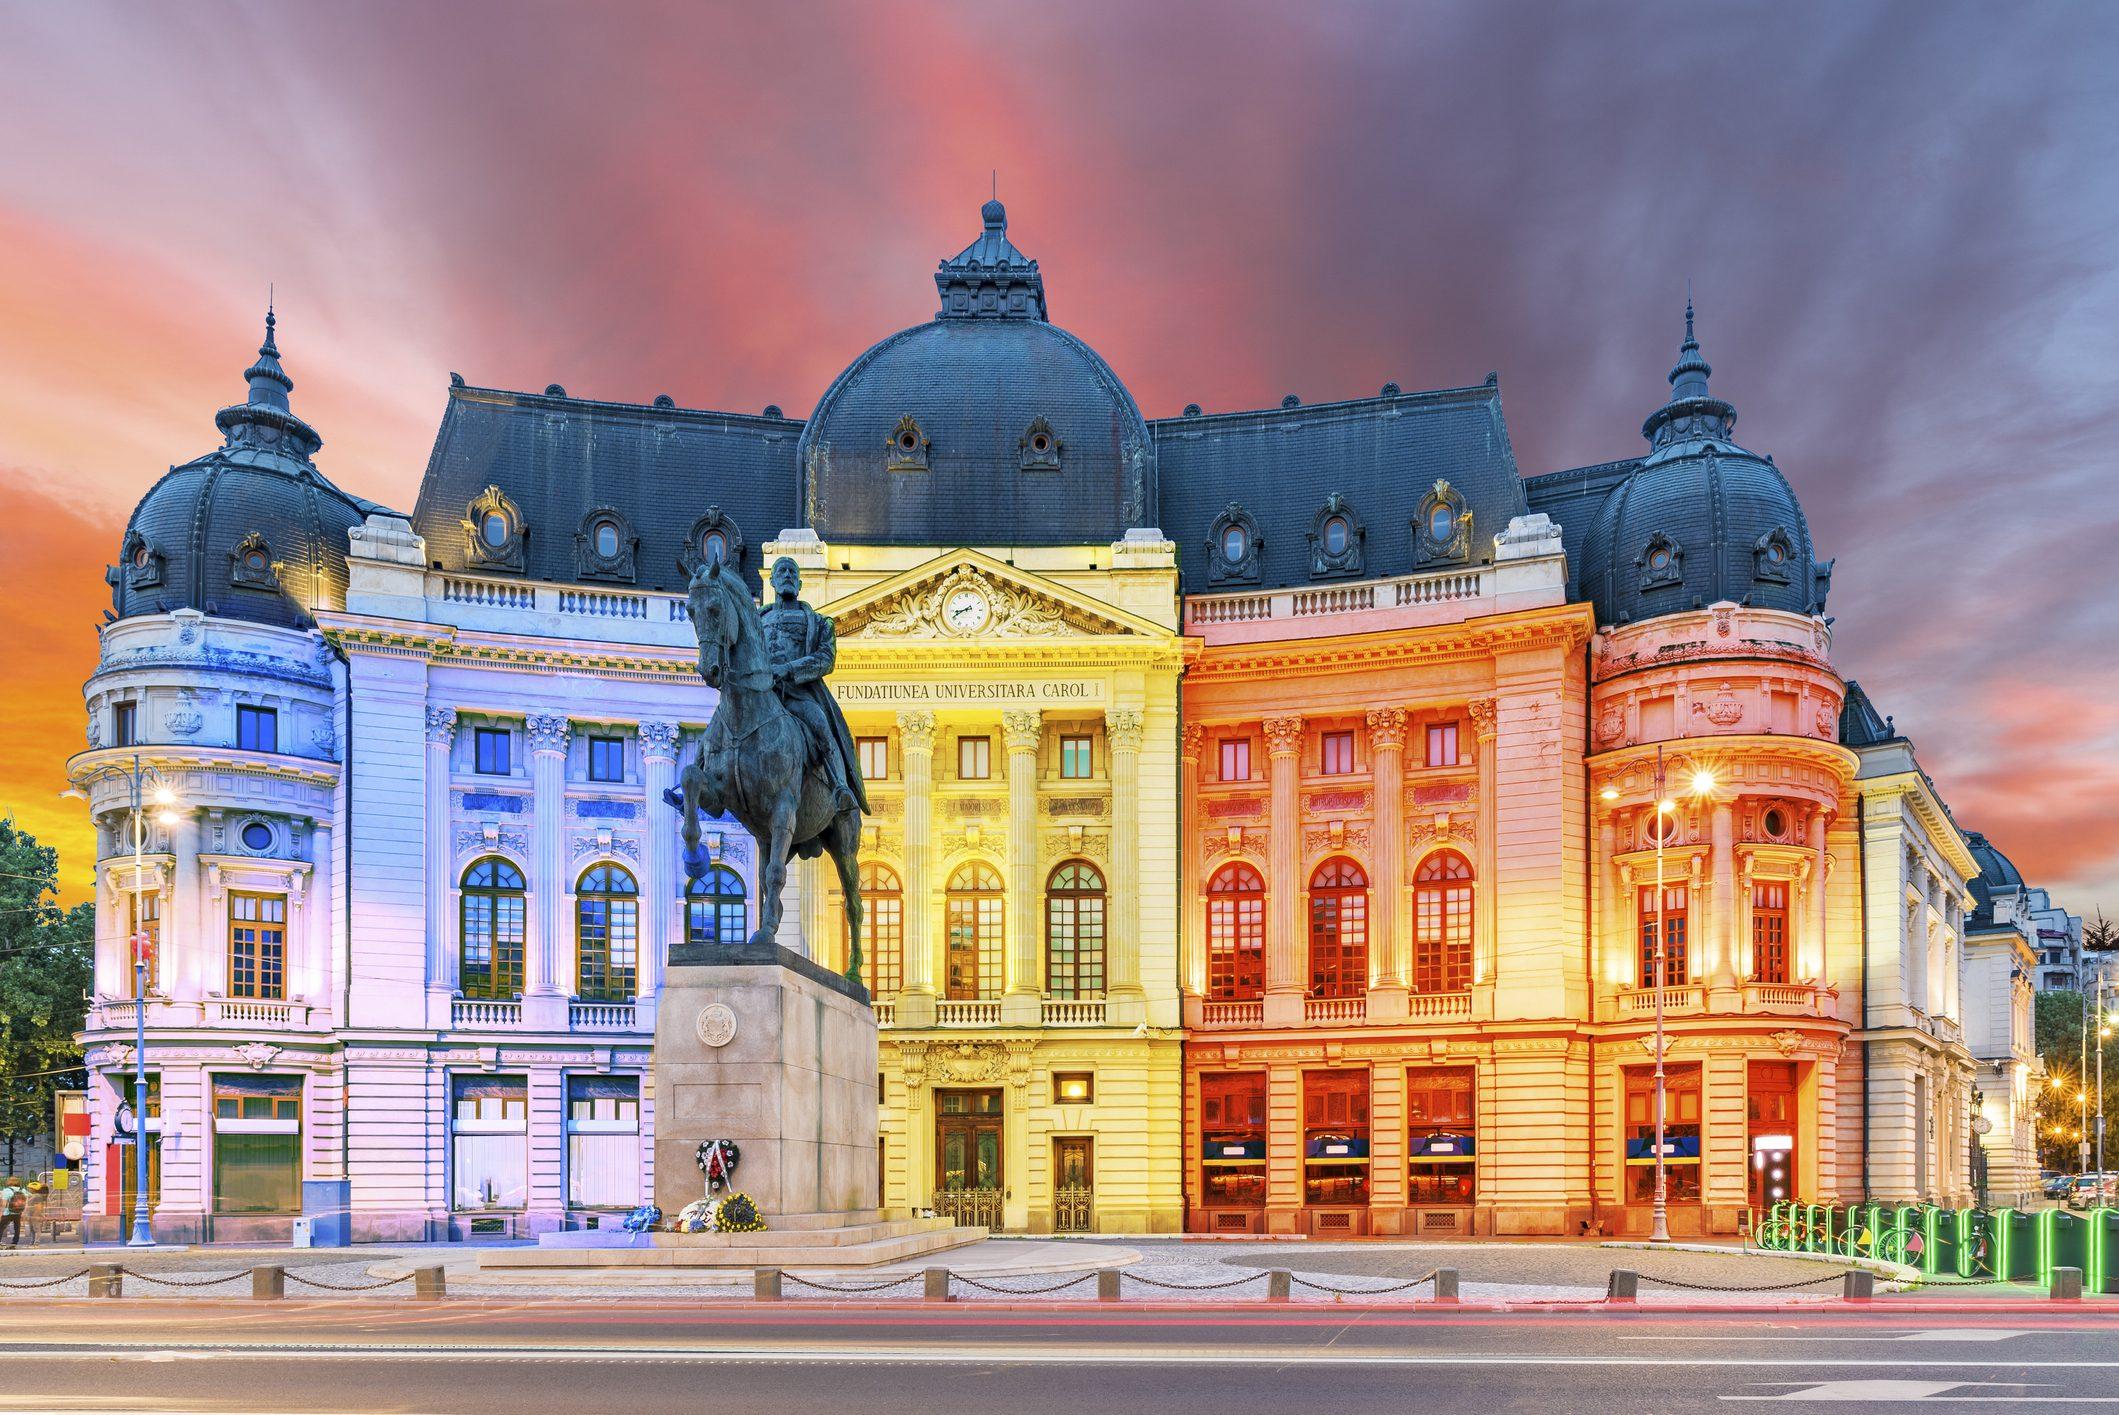 Euro 2020 a casa di Dracula: i piatti rumeni più gustosi da mangiare durante la partita